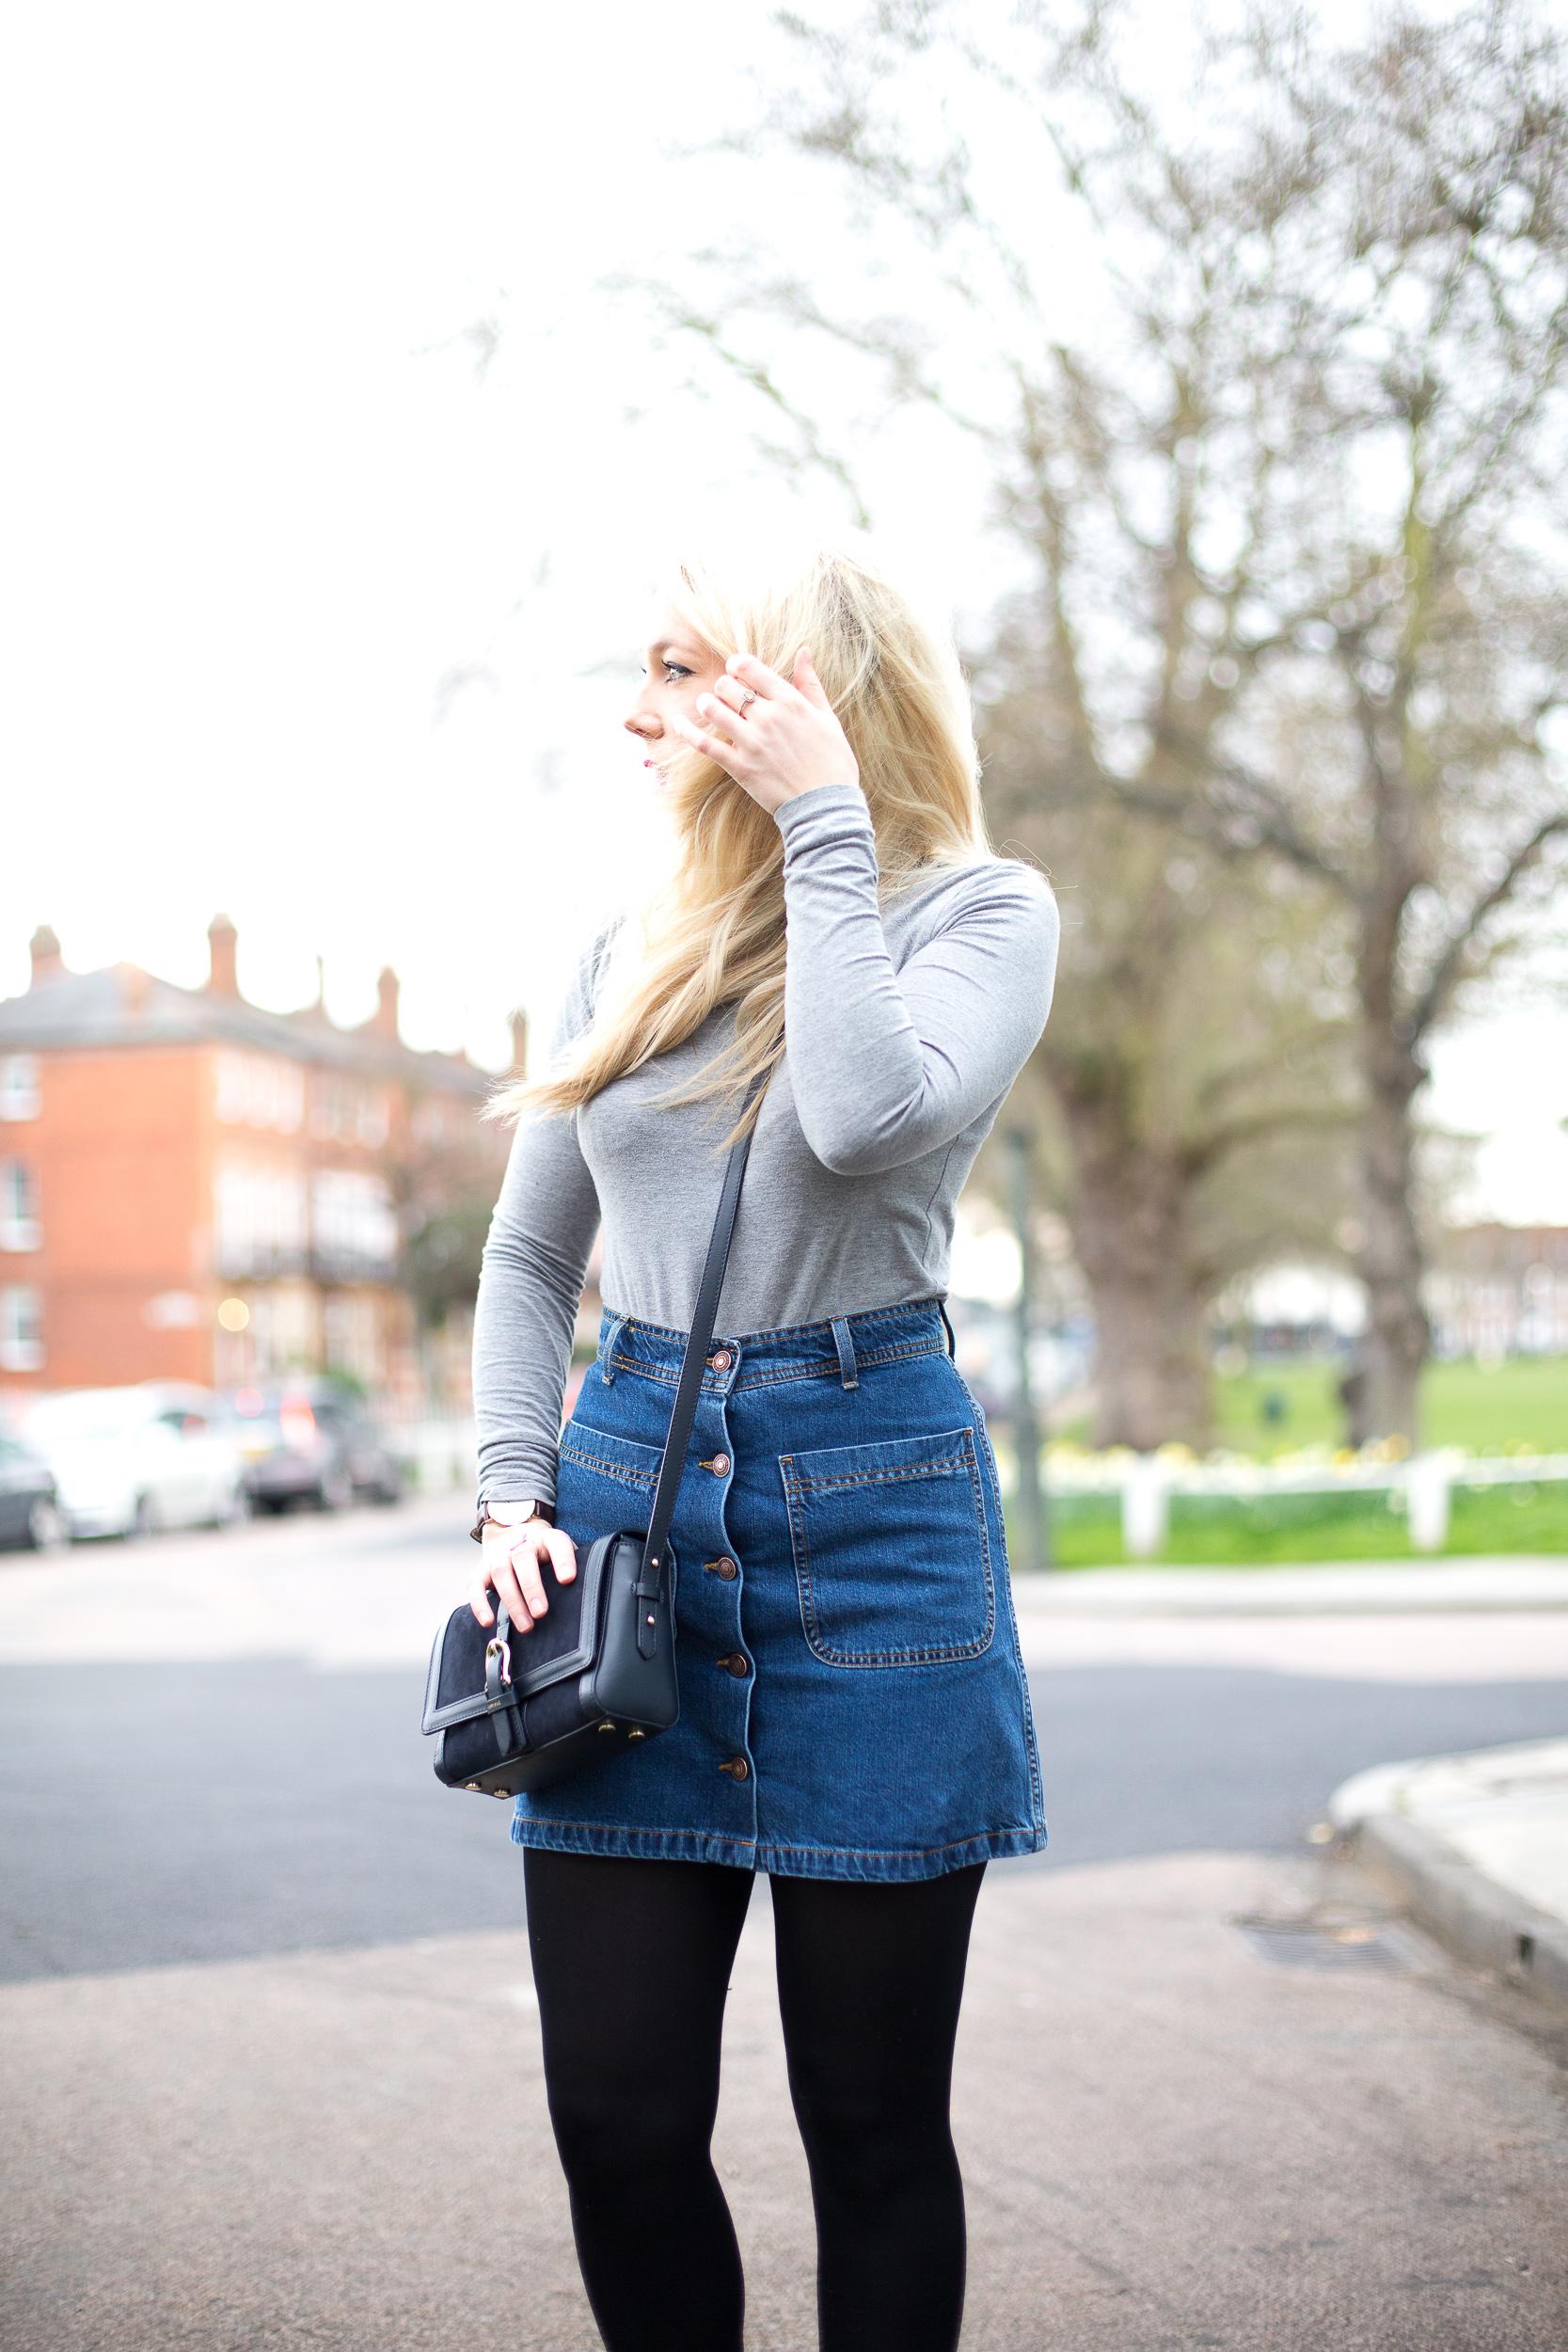 Diane Kruger Leggy in Mini Skirt – New York City, October 2015